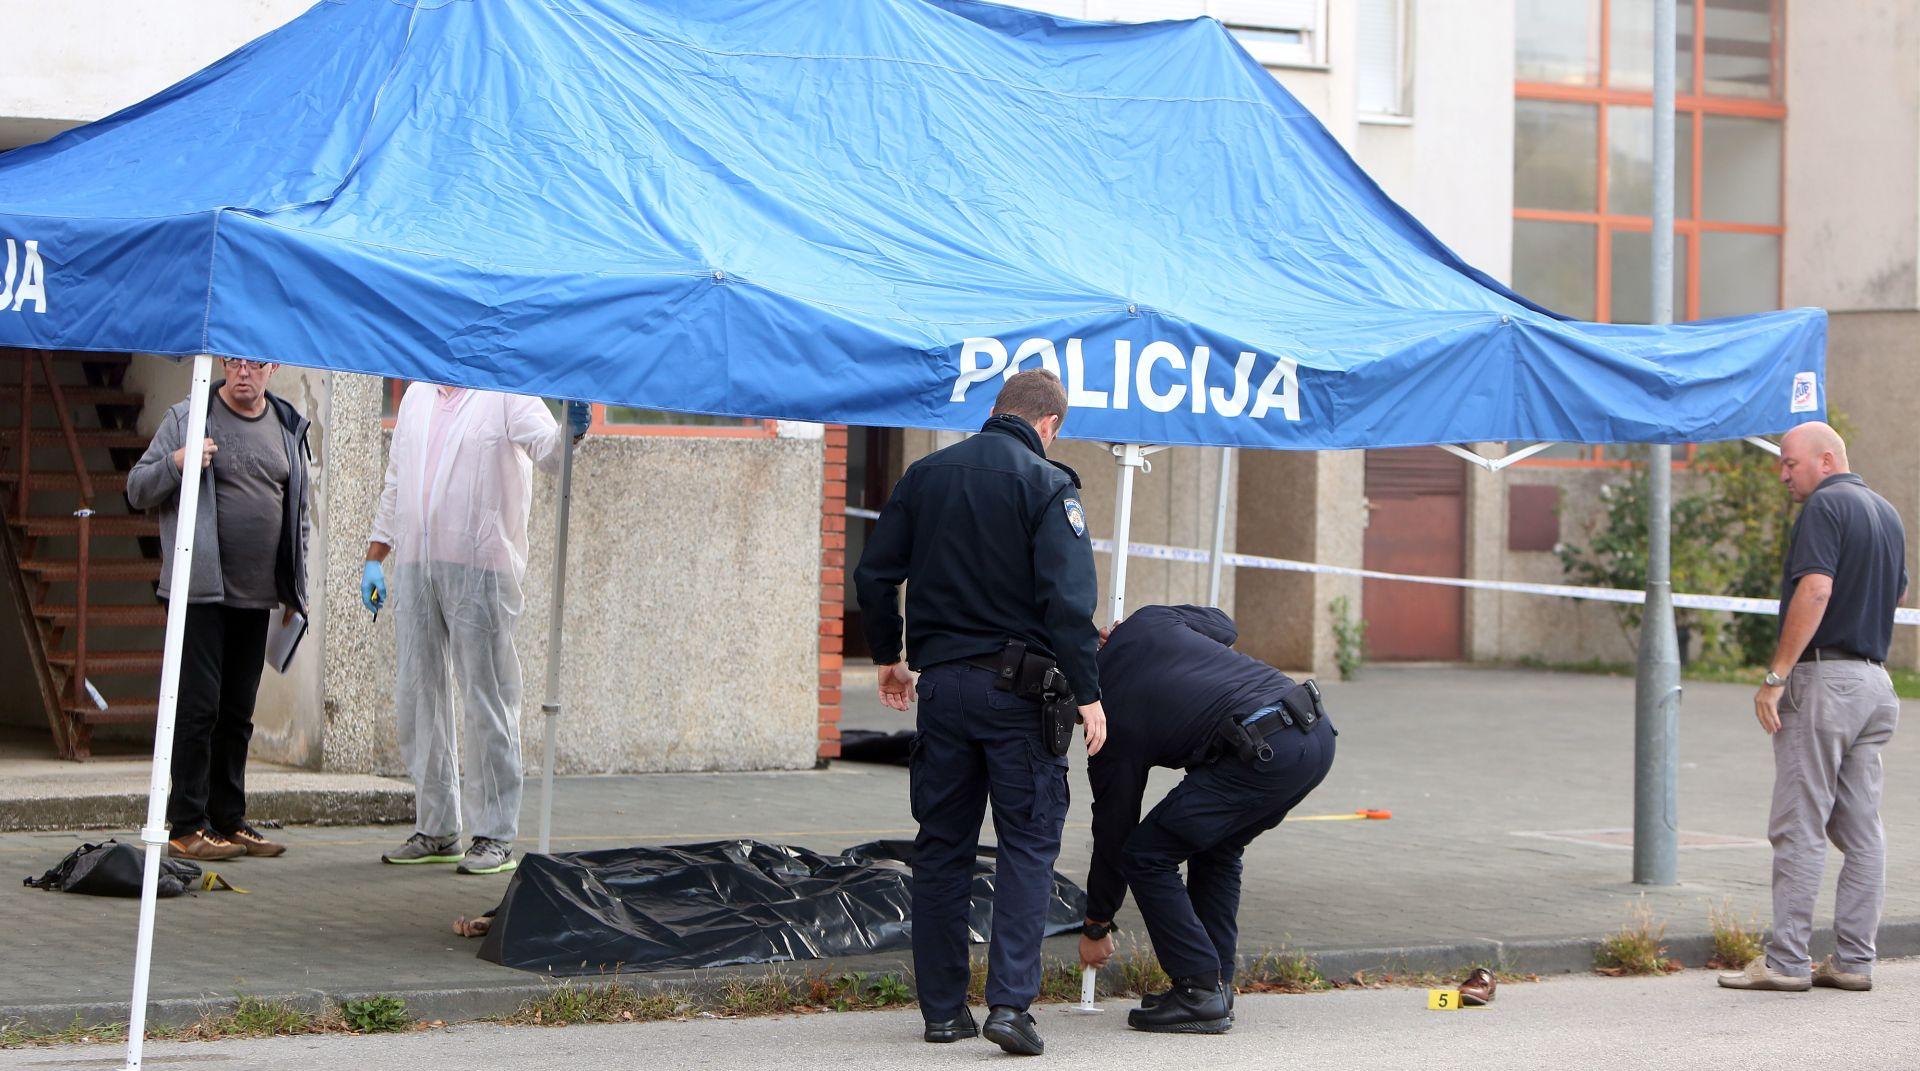 ISTRAGA U TIJEKU Policija potvrdila: Mladić pronađen mrtav stradao je nasilno